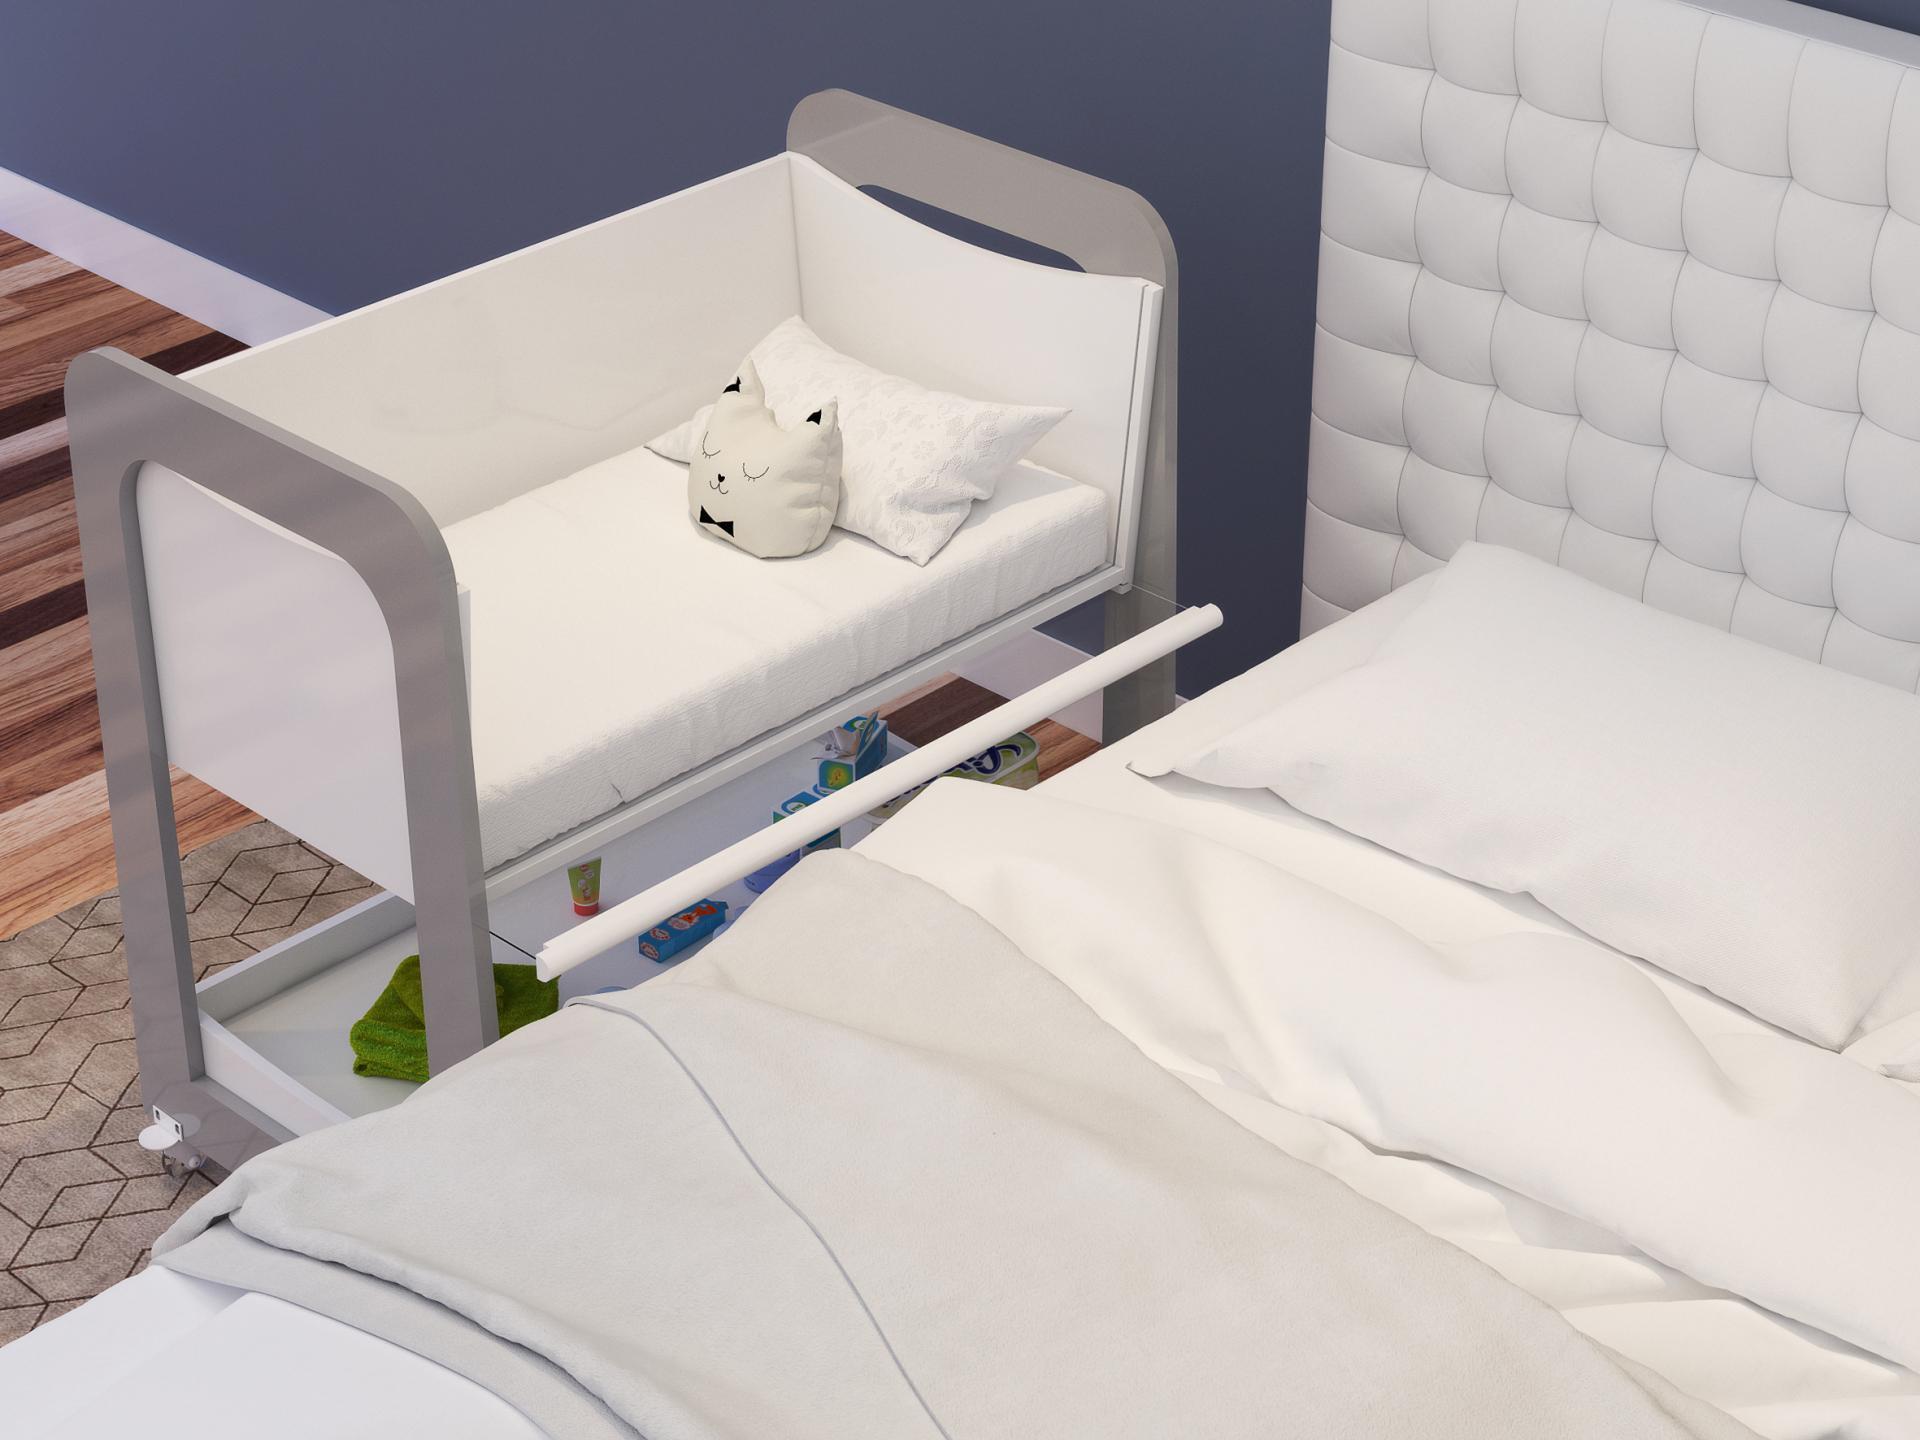 Lan amento ber o port til para dormir juntinho com o beb - Cama de coche para nino ...